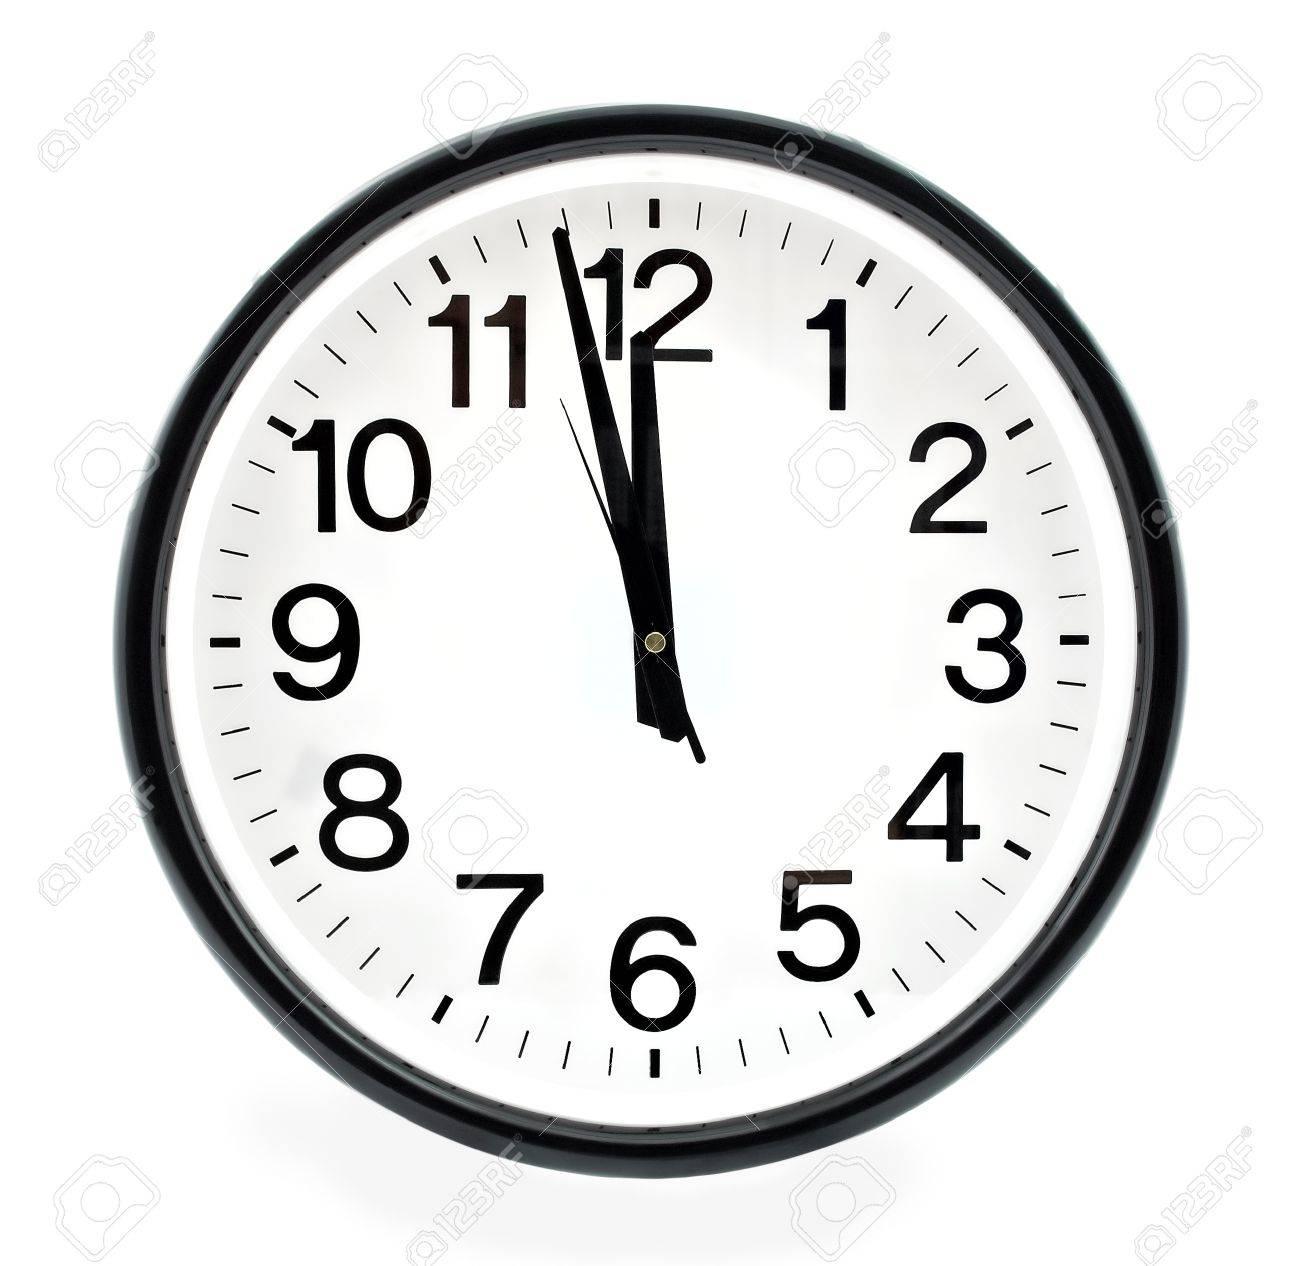 orologio mezzanotte